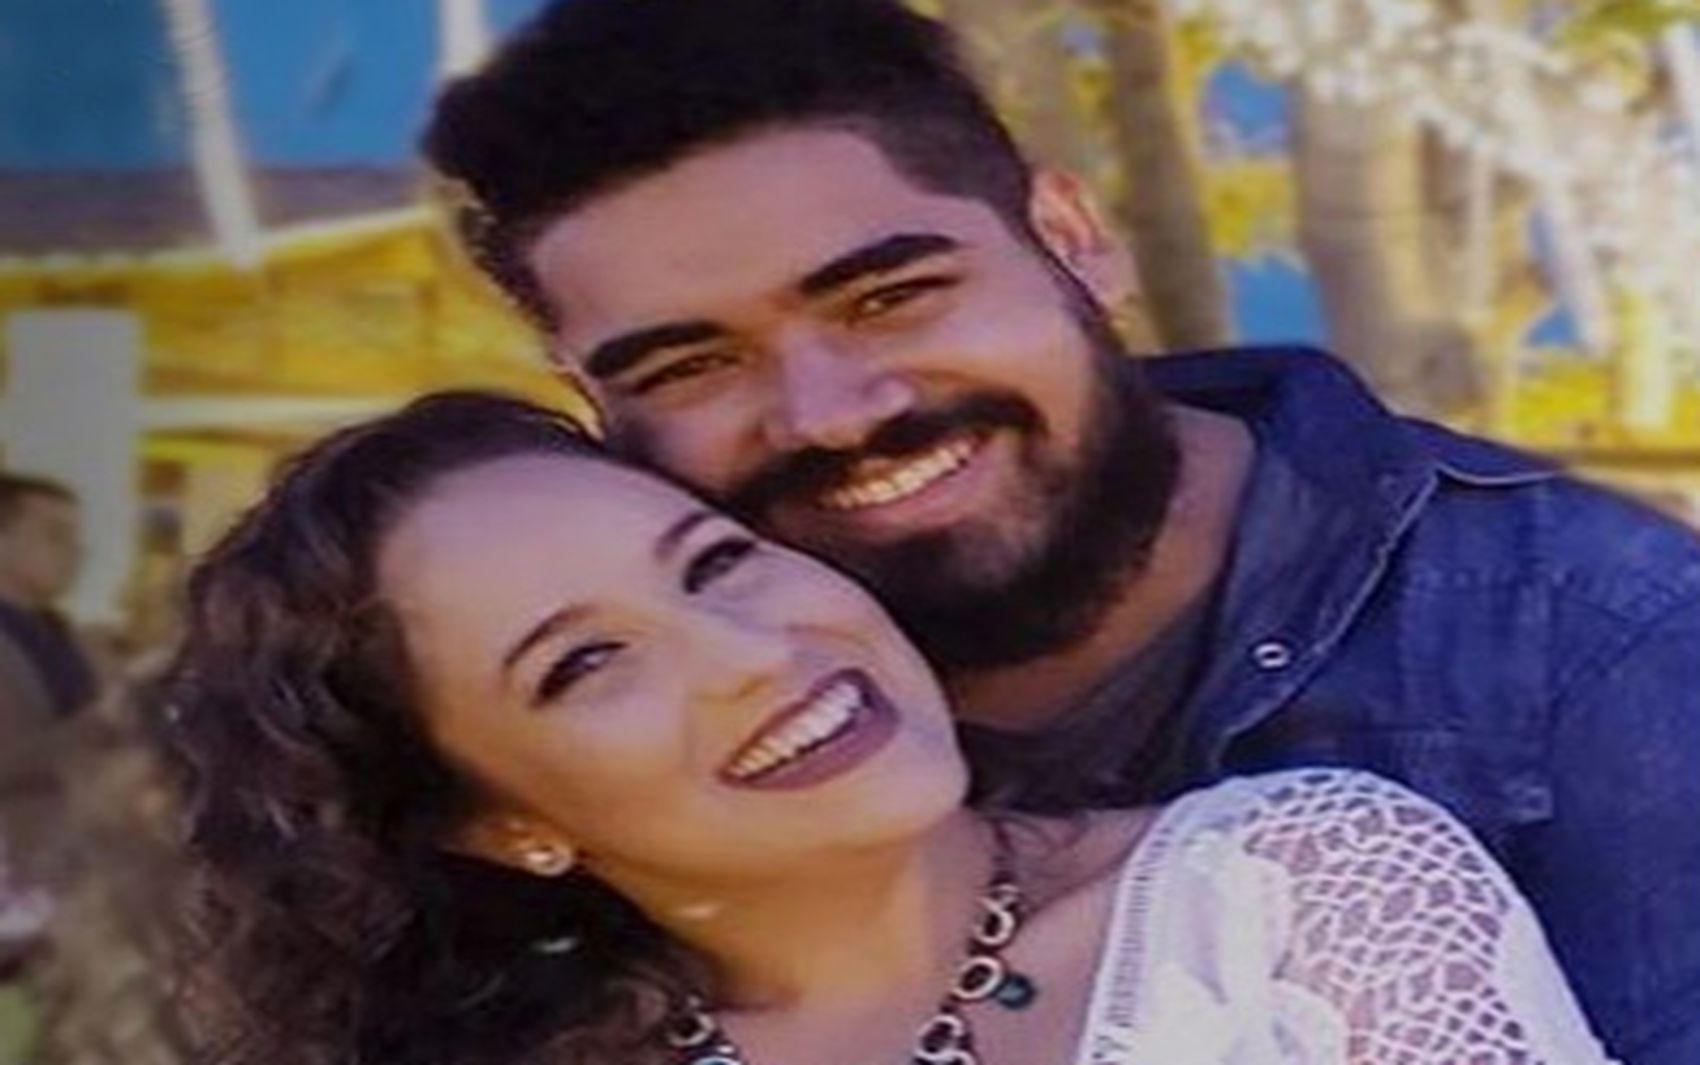 Artistas sergipanos interpretam Sandy e Júnior neste domingo em Aracaju - Notícias - Plantão Diário